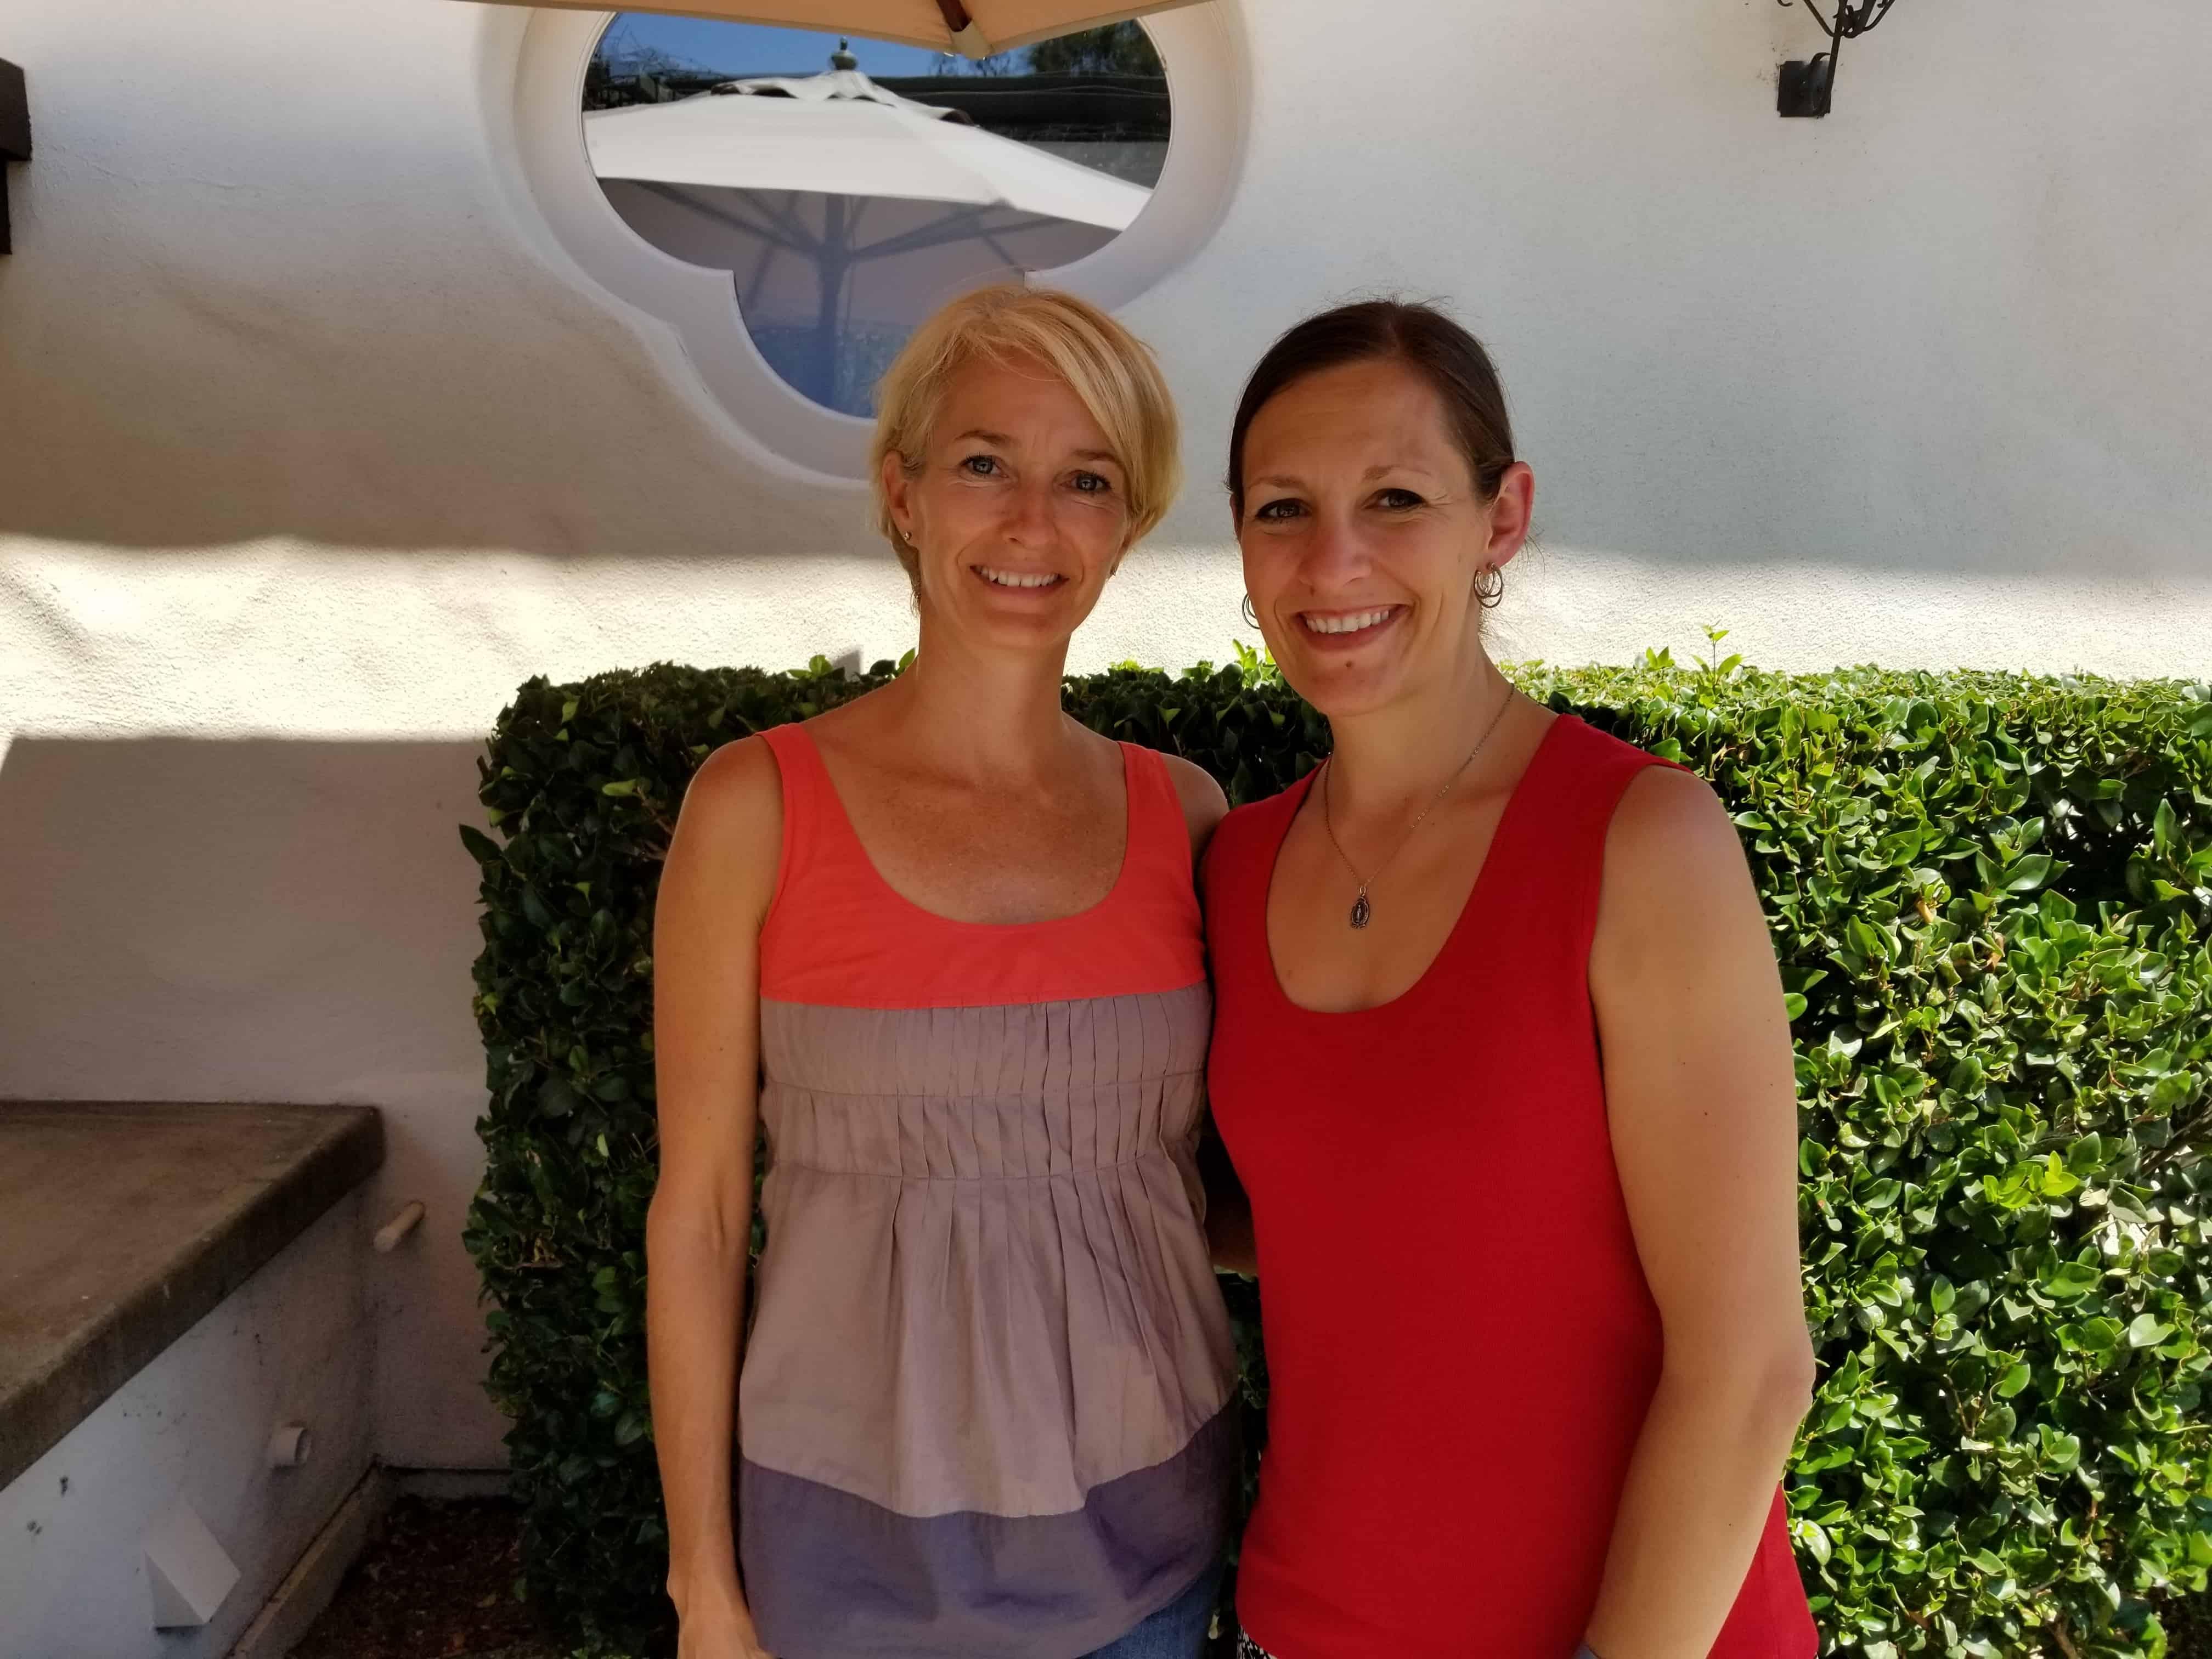 Dr. Sheila Kilbane and Katie Kimball